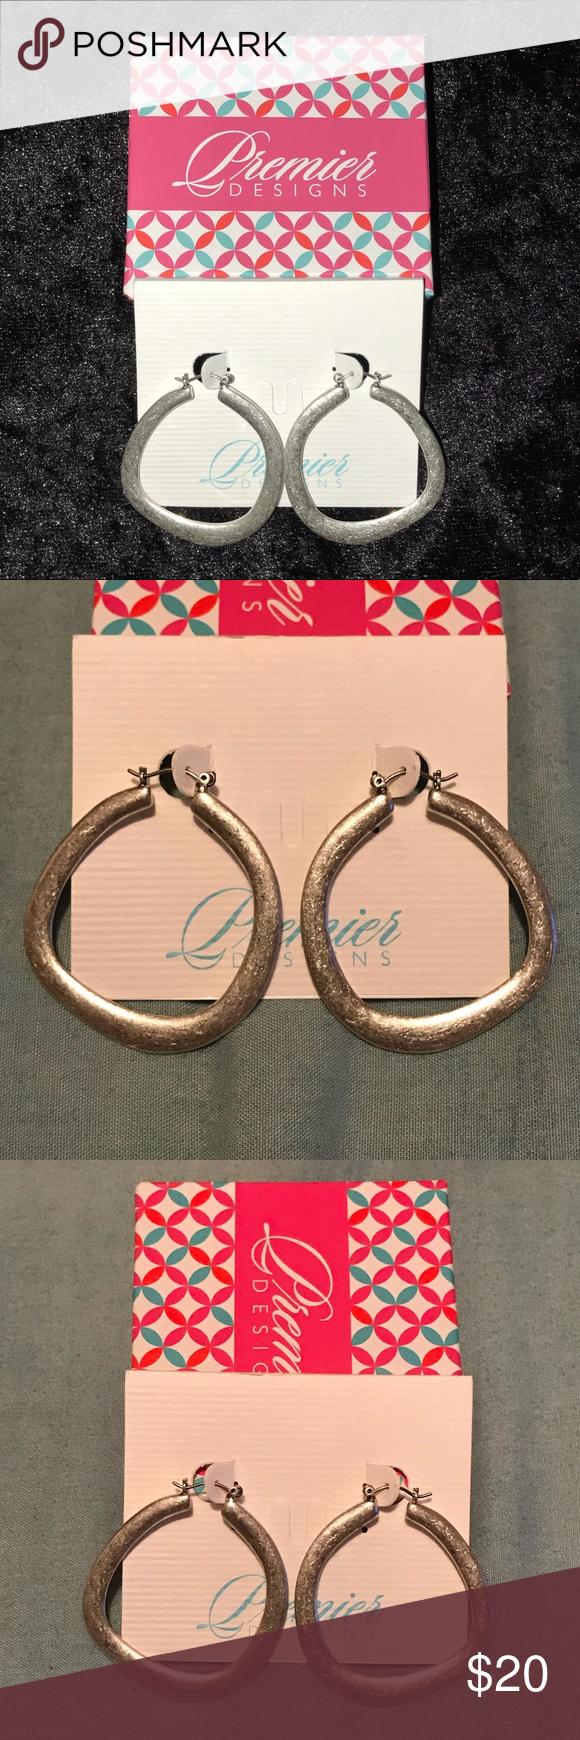 Round About Earrings! Premier designs jewelry, Earrings